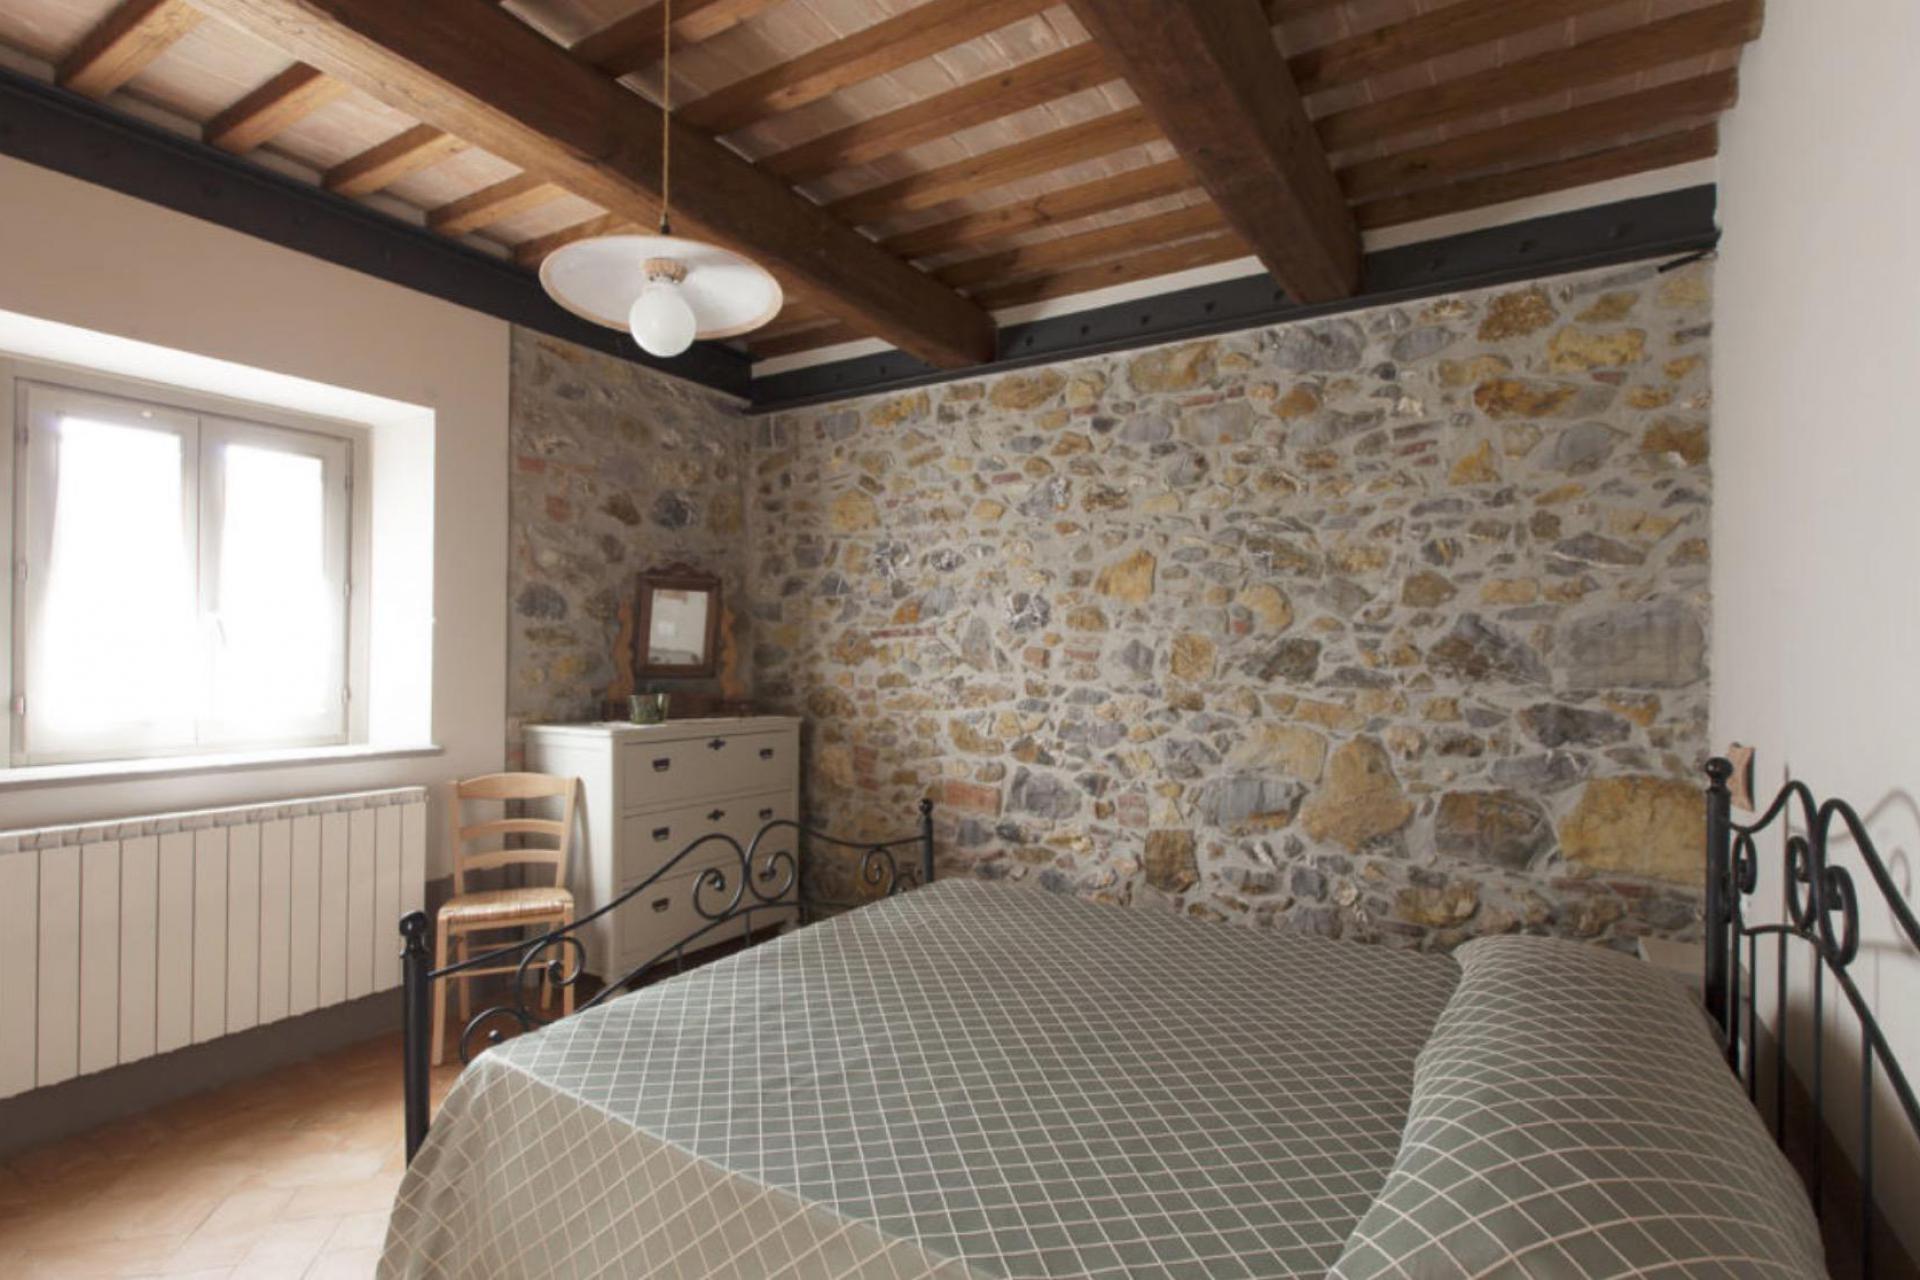 Agriturismo Toscane 9 appartementen bij olijfolieboerderij in Toscane | myitaly.nl